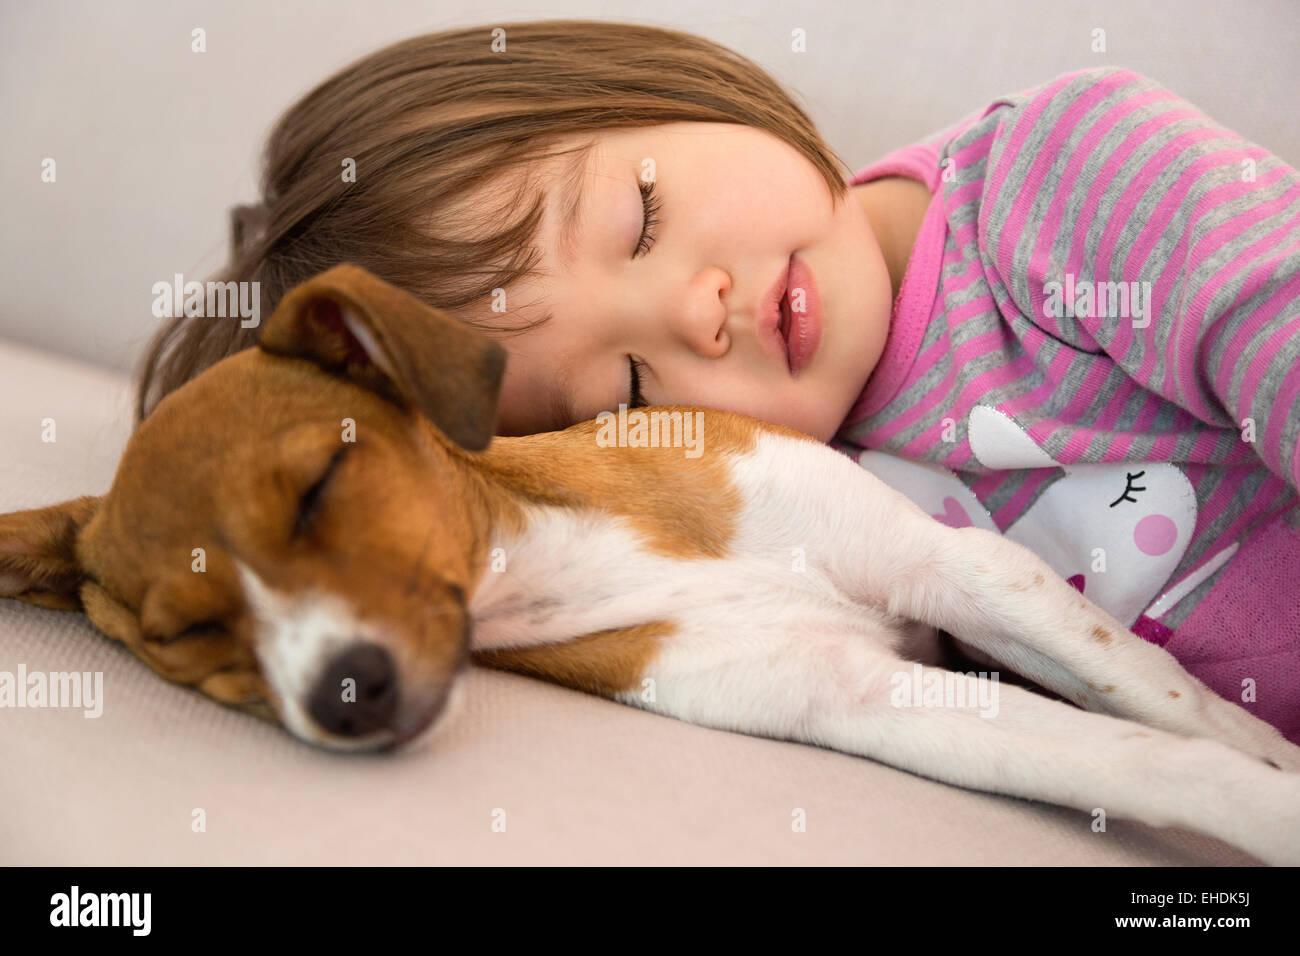 Il Toddler ragazza dorme accanto alla razza cucciolo di cane Immagini Stock